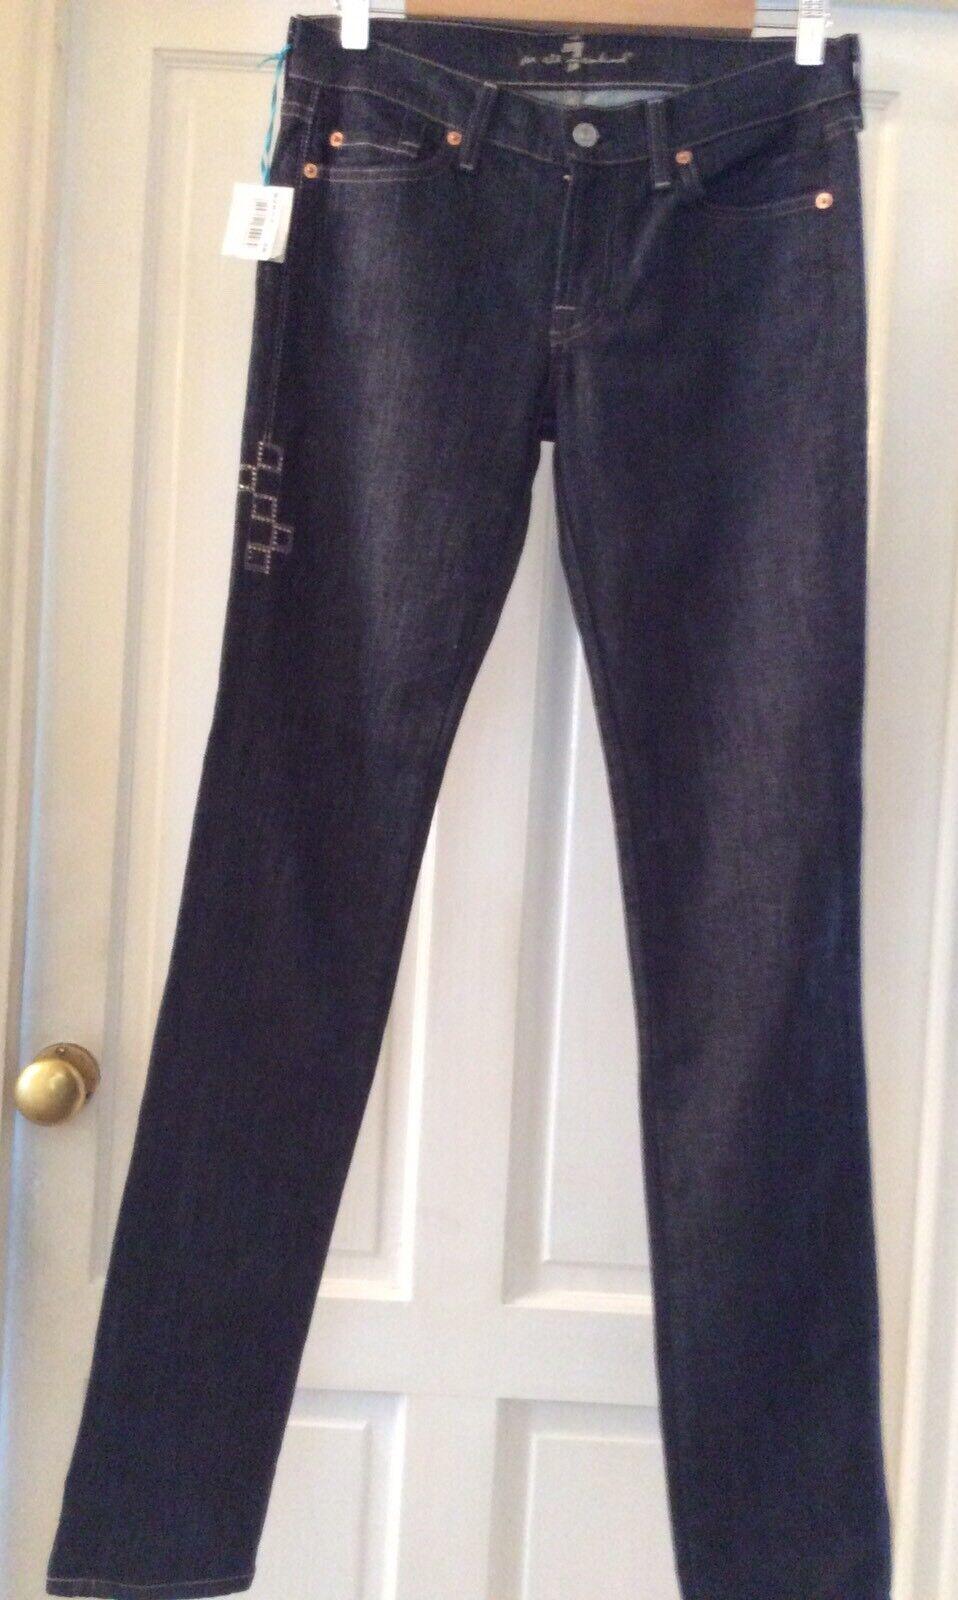 Donna Mankind Scuro SEVEN All denim jeans. Taglia 28 W32 L34 NUOVO